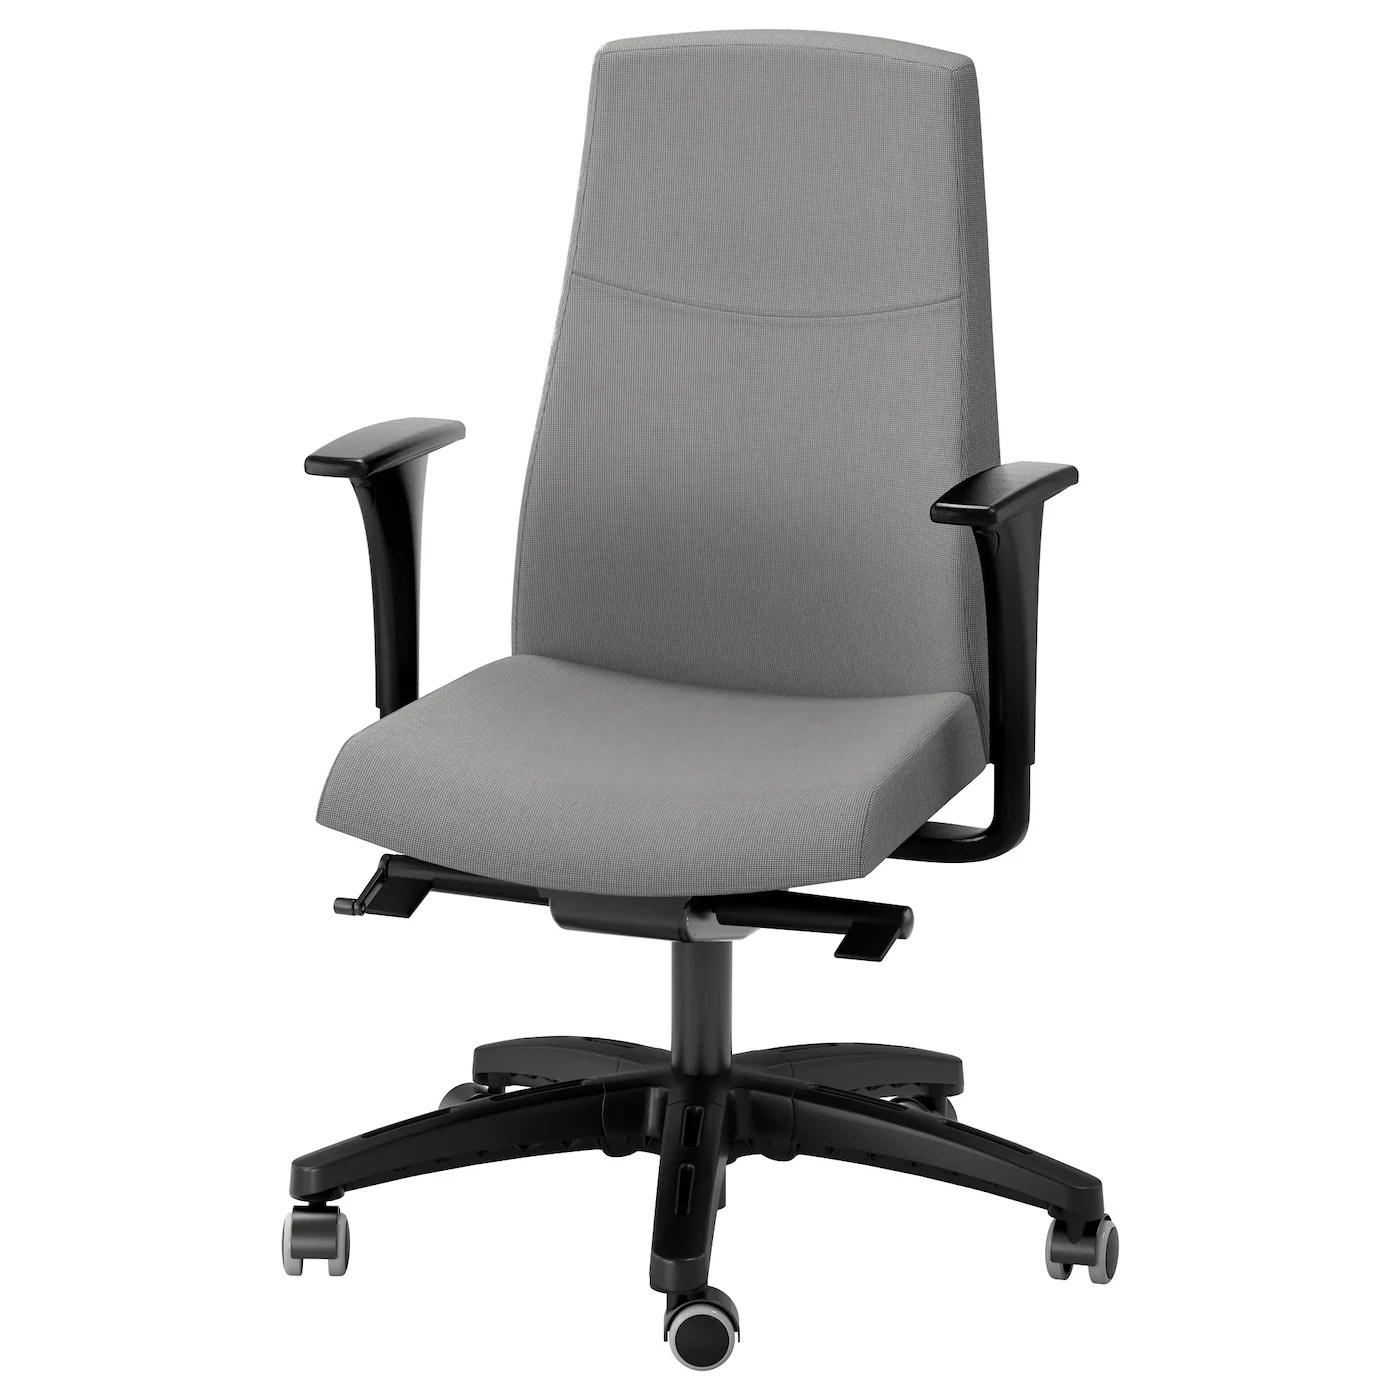 desk chair dublin posture kneeling amazon office chairs ikea ireland